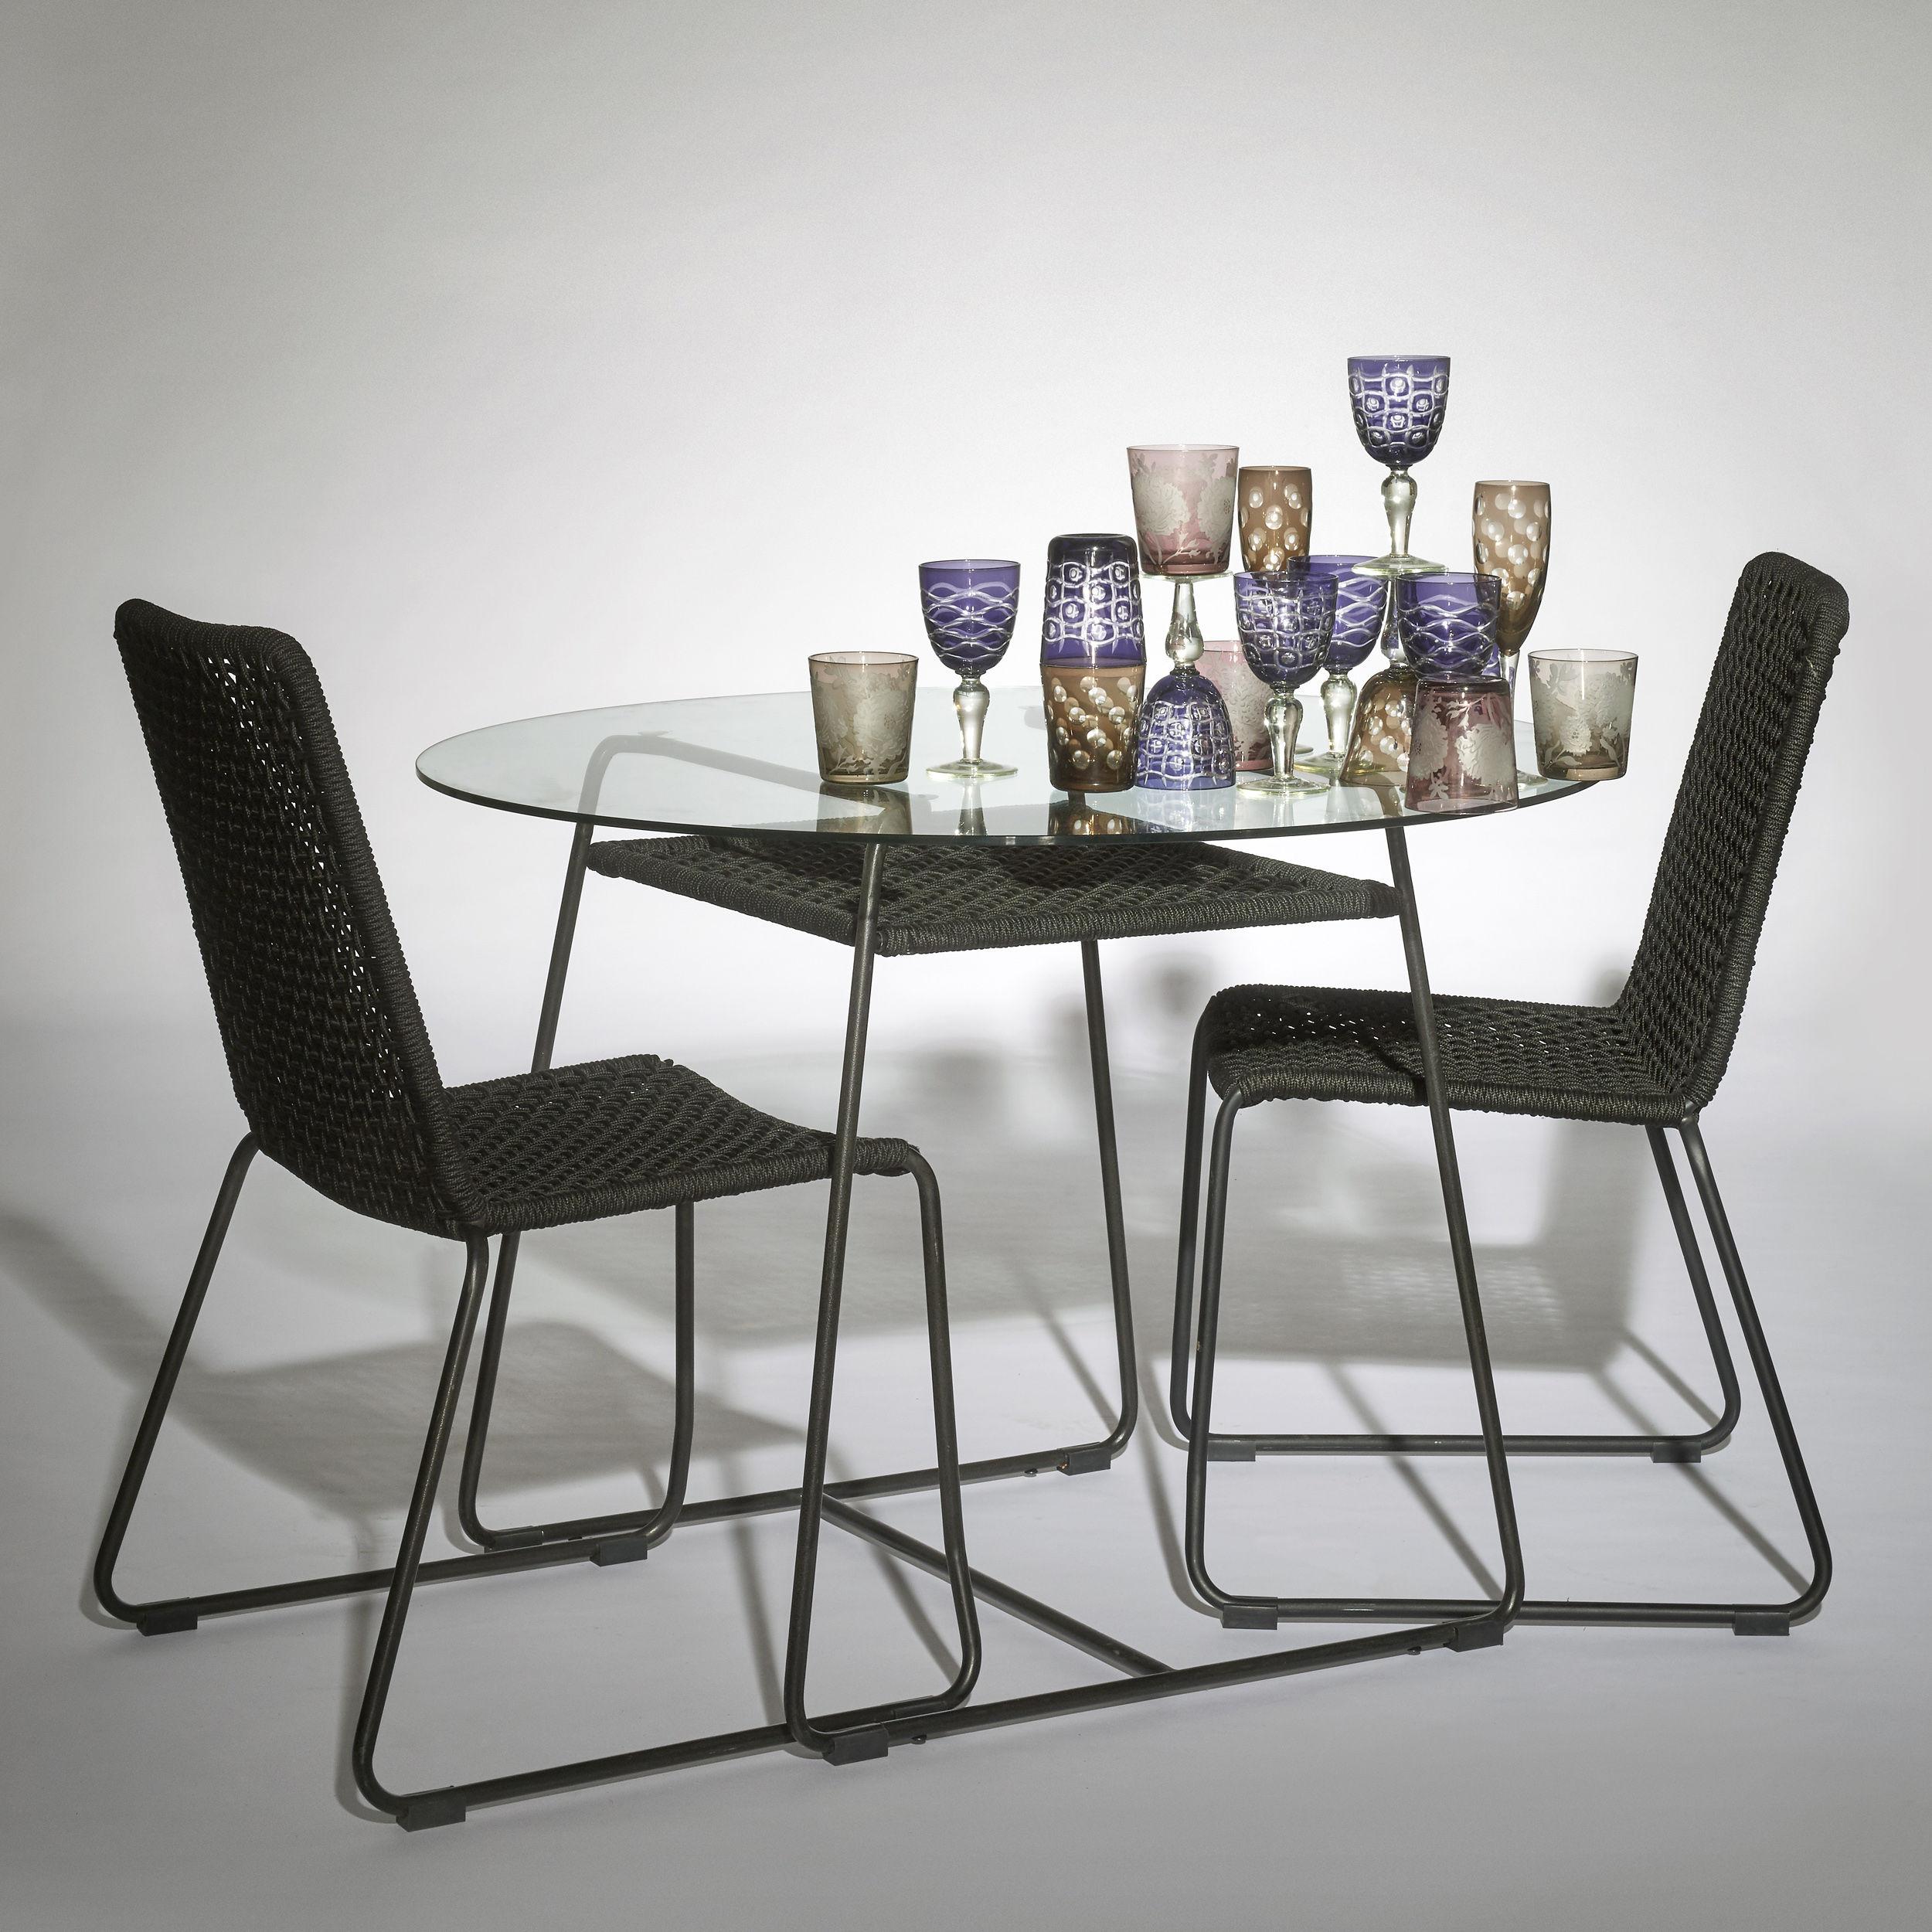 cuttings wasserglas 6er set mehrfarbig by pols potten made in design. Black Bedroom Furniture Sets. Home Design Ideas